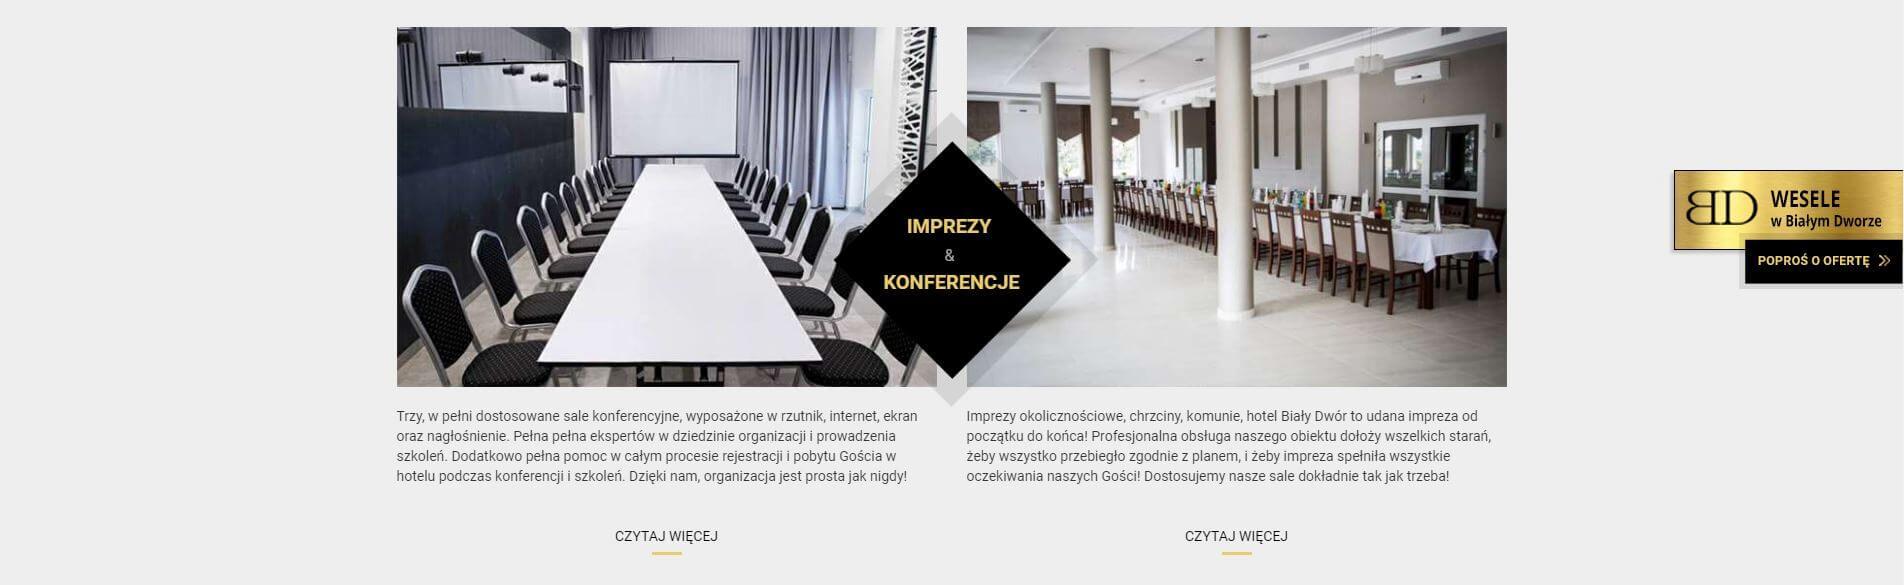 konferencje iimprezy okolicznościowe